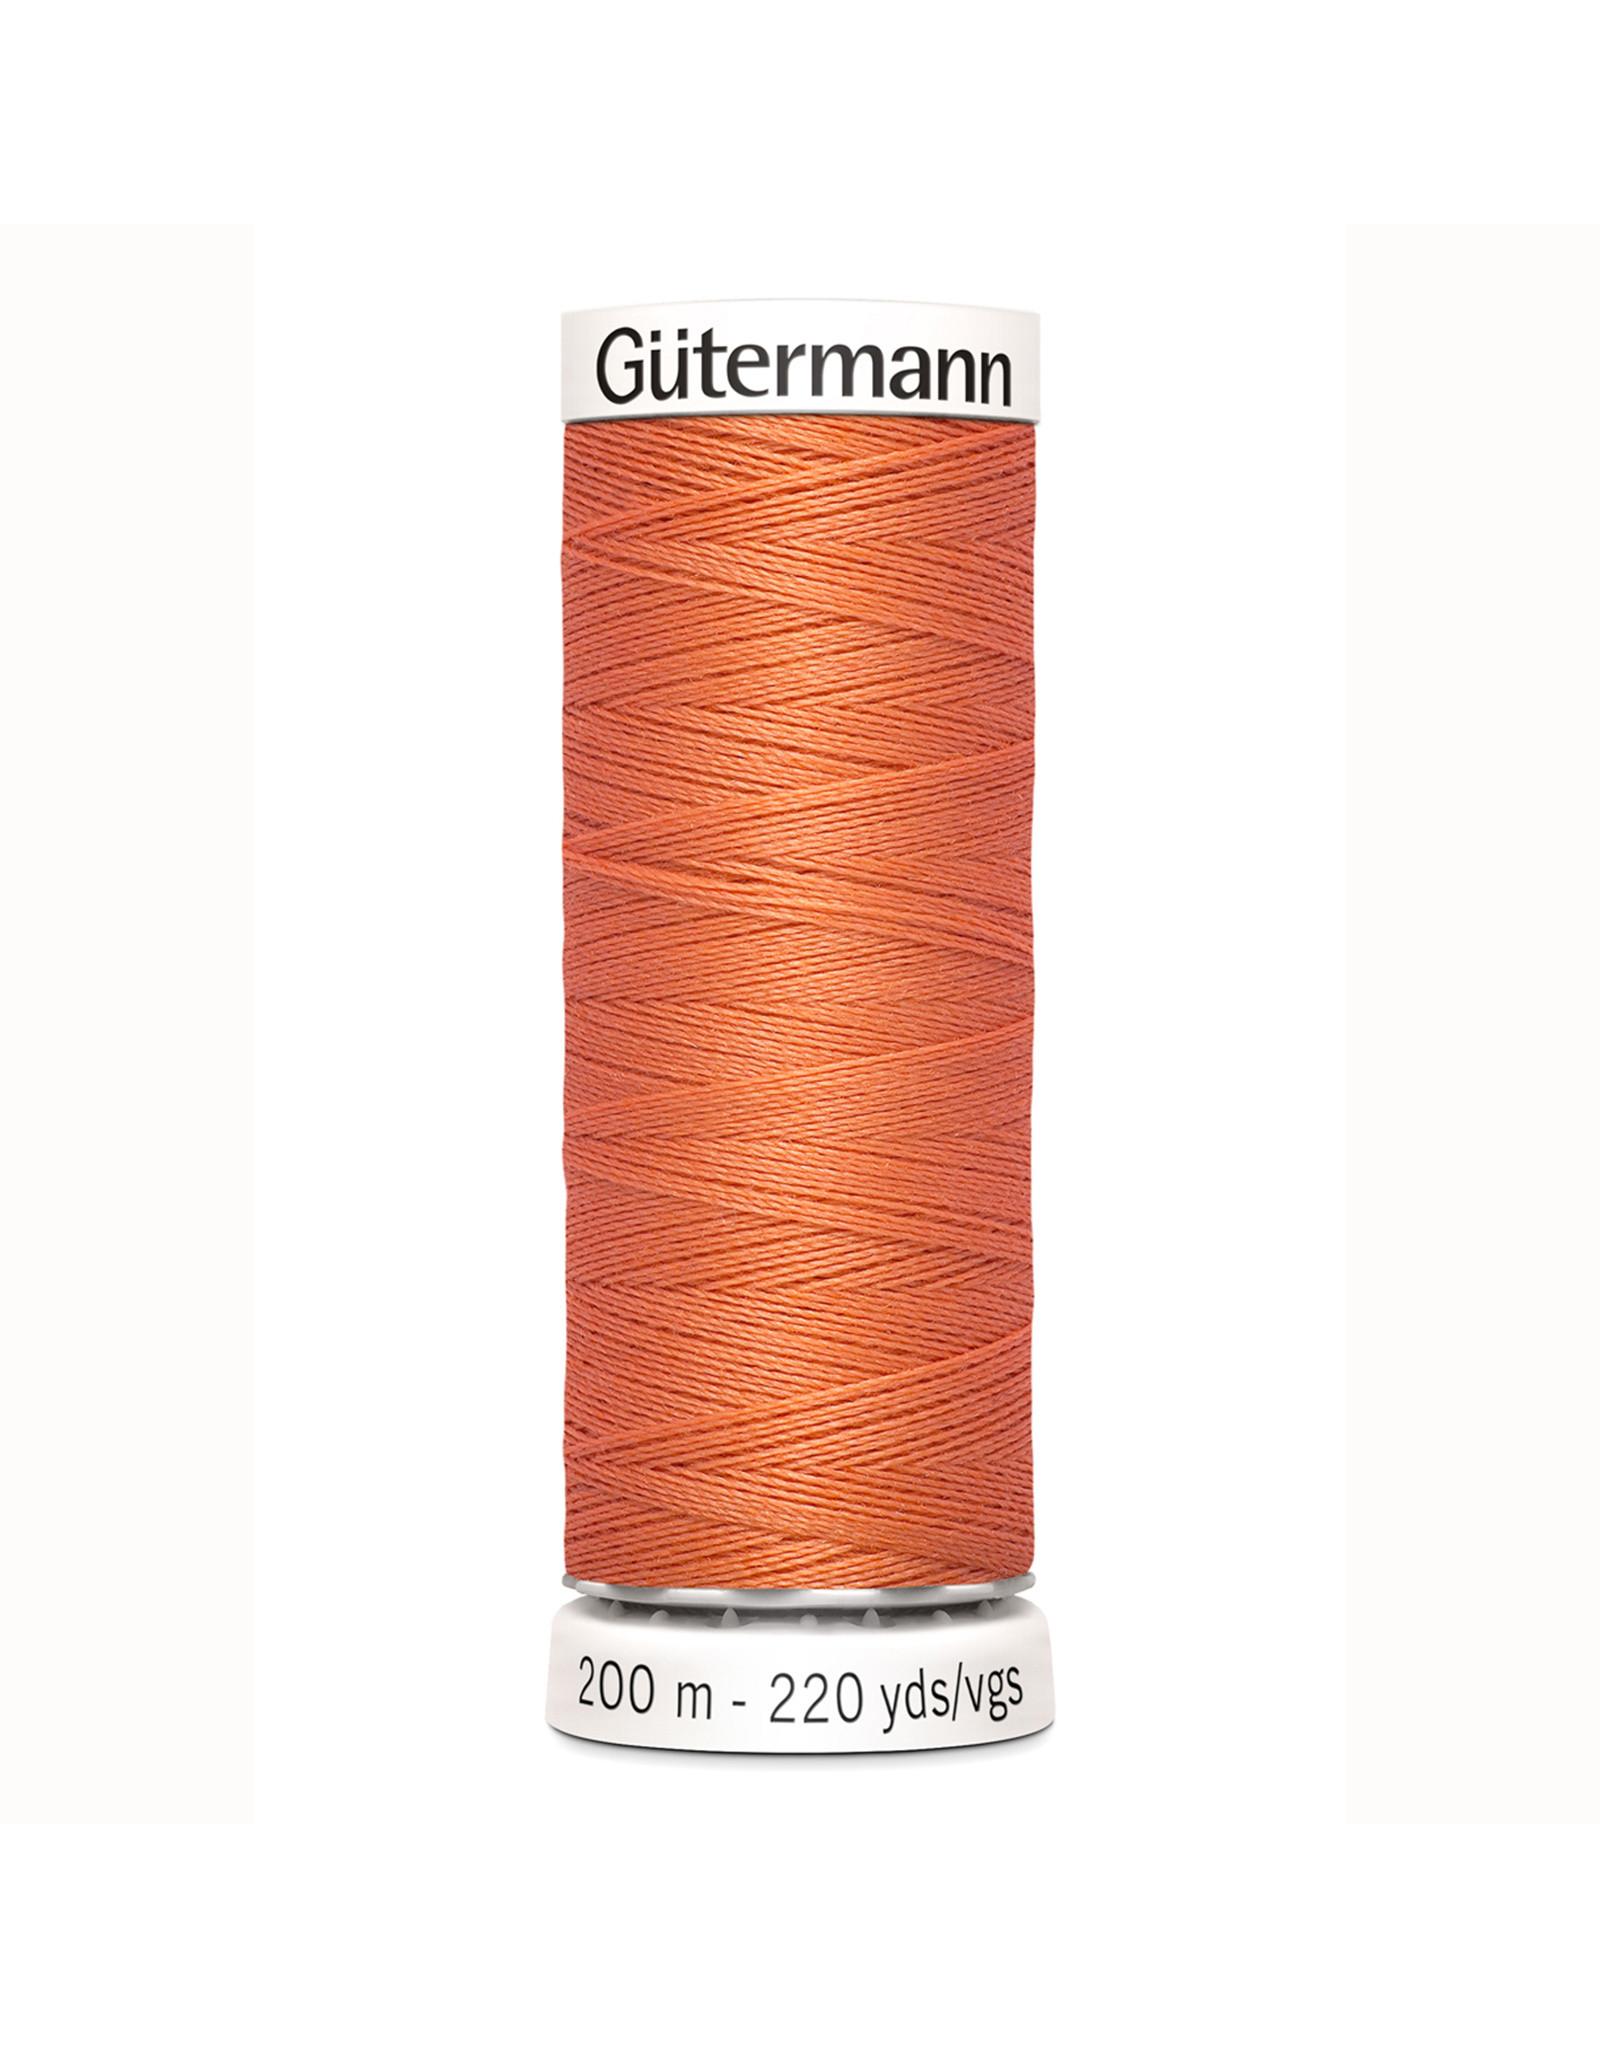 Gütermann Gütermann Nähgarn 200 m - nr 895